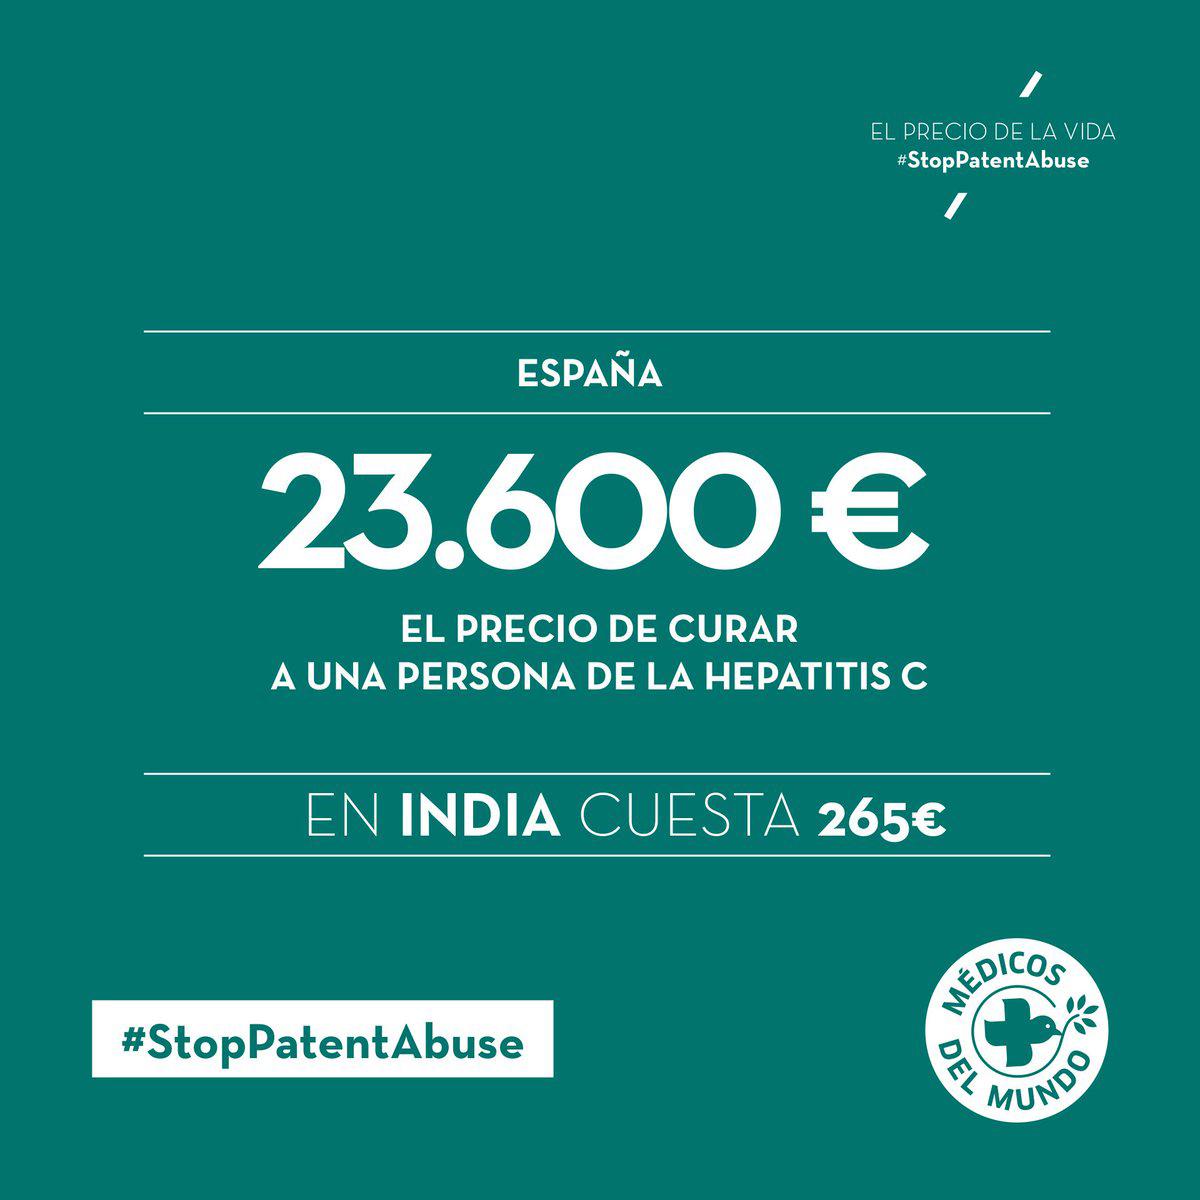 #StopPatentAbuse